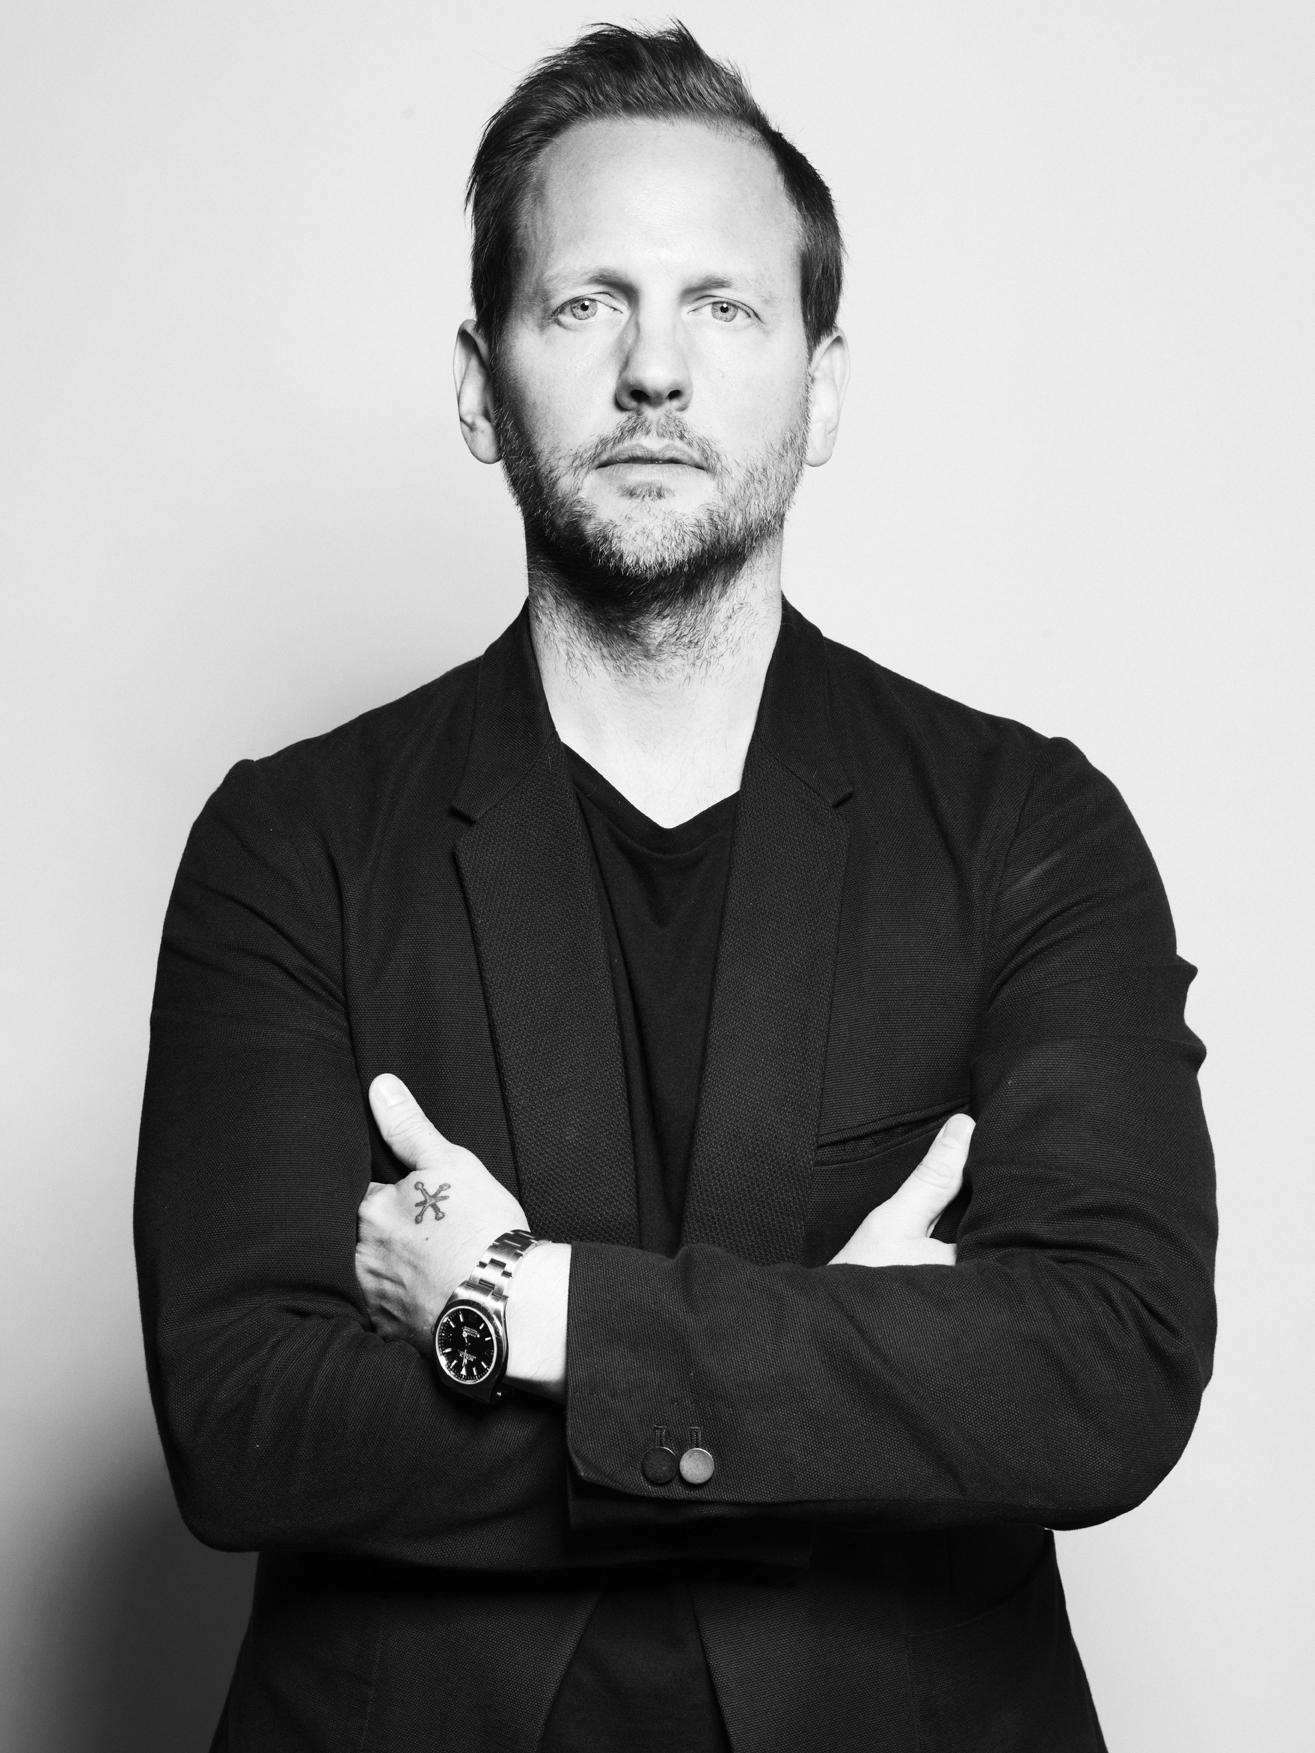 Thomas Osborn